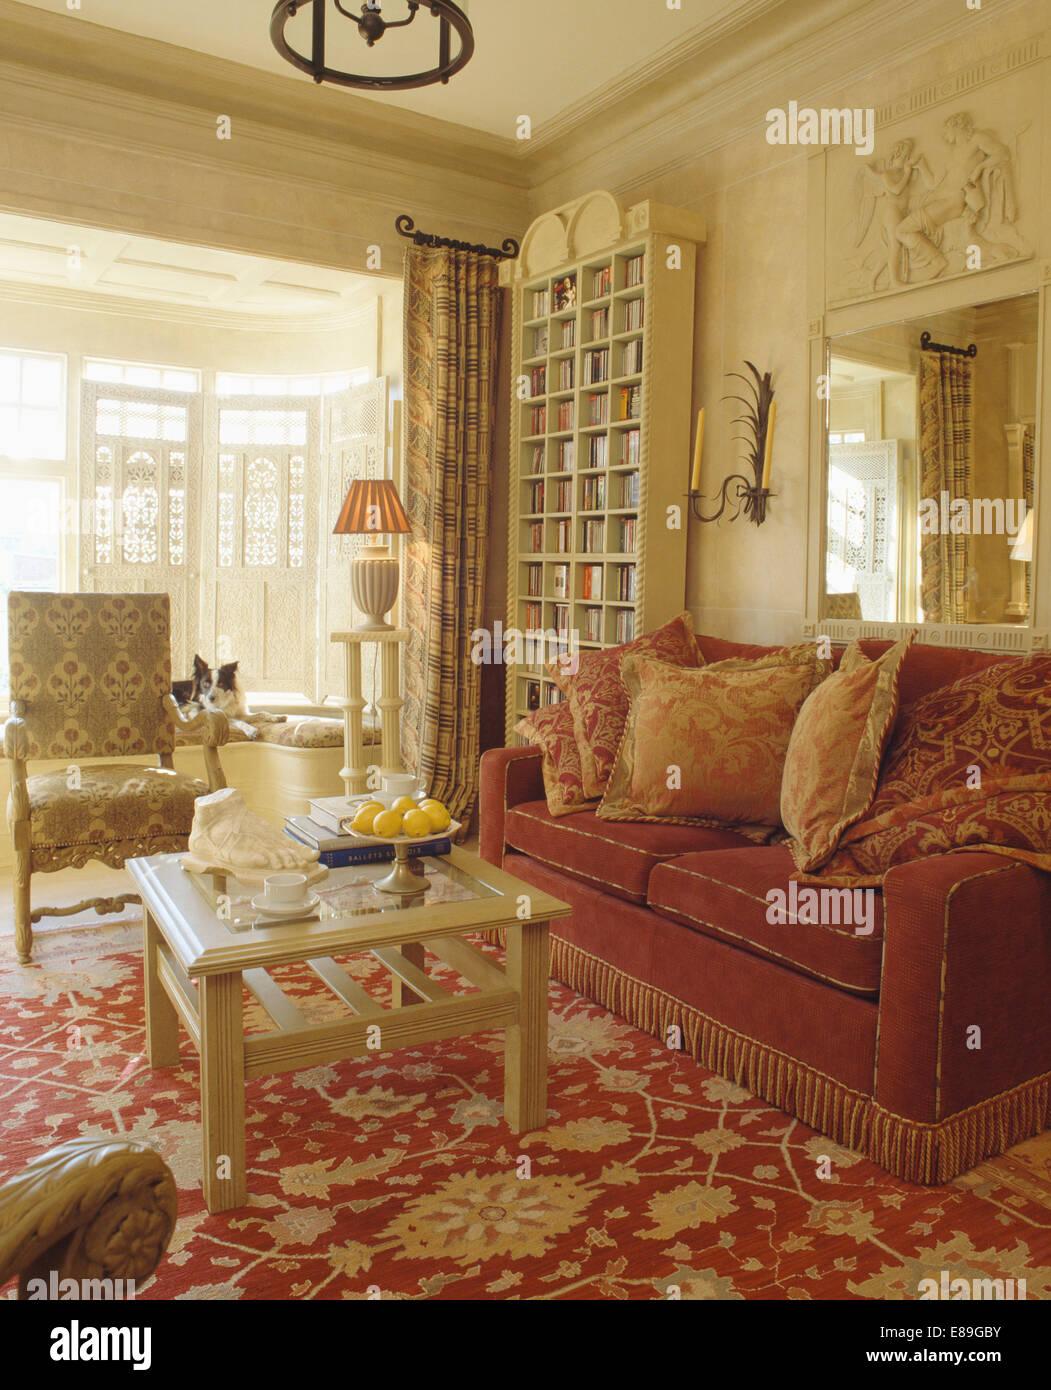 Wohnzimmer Mit Rotem Sofa | Gemusterte Kissen Auf Dunklen Roten Sofa Mit Fransen Borte In Creme